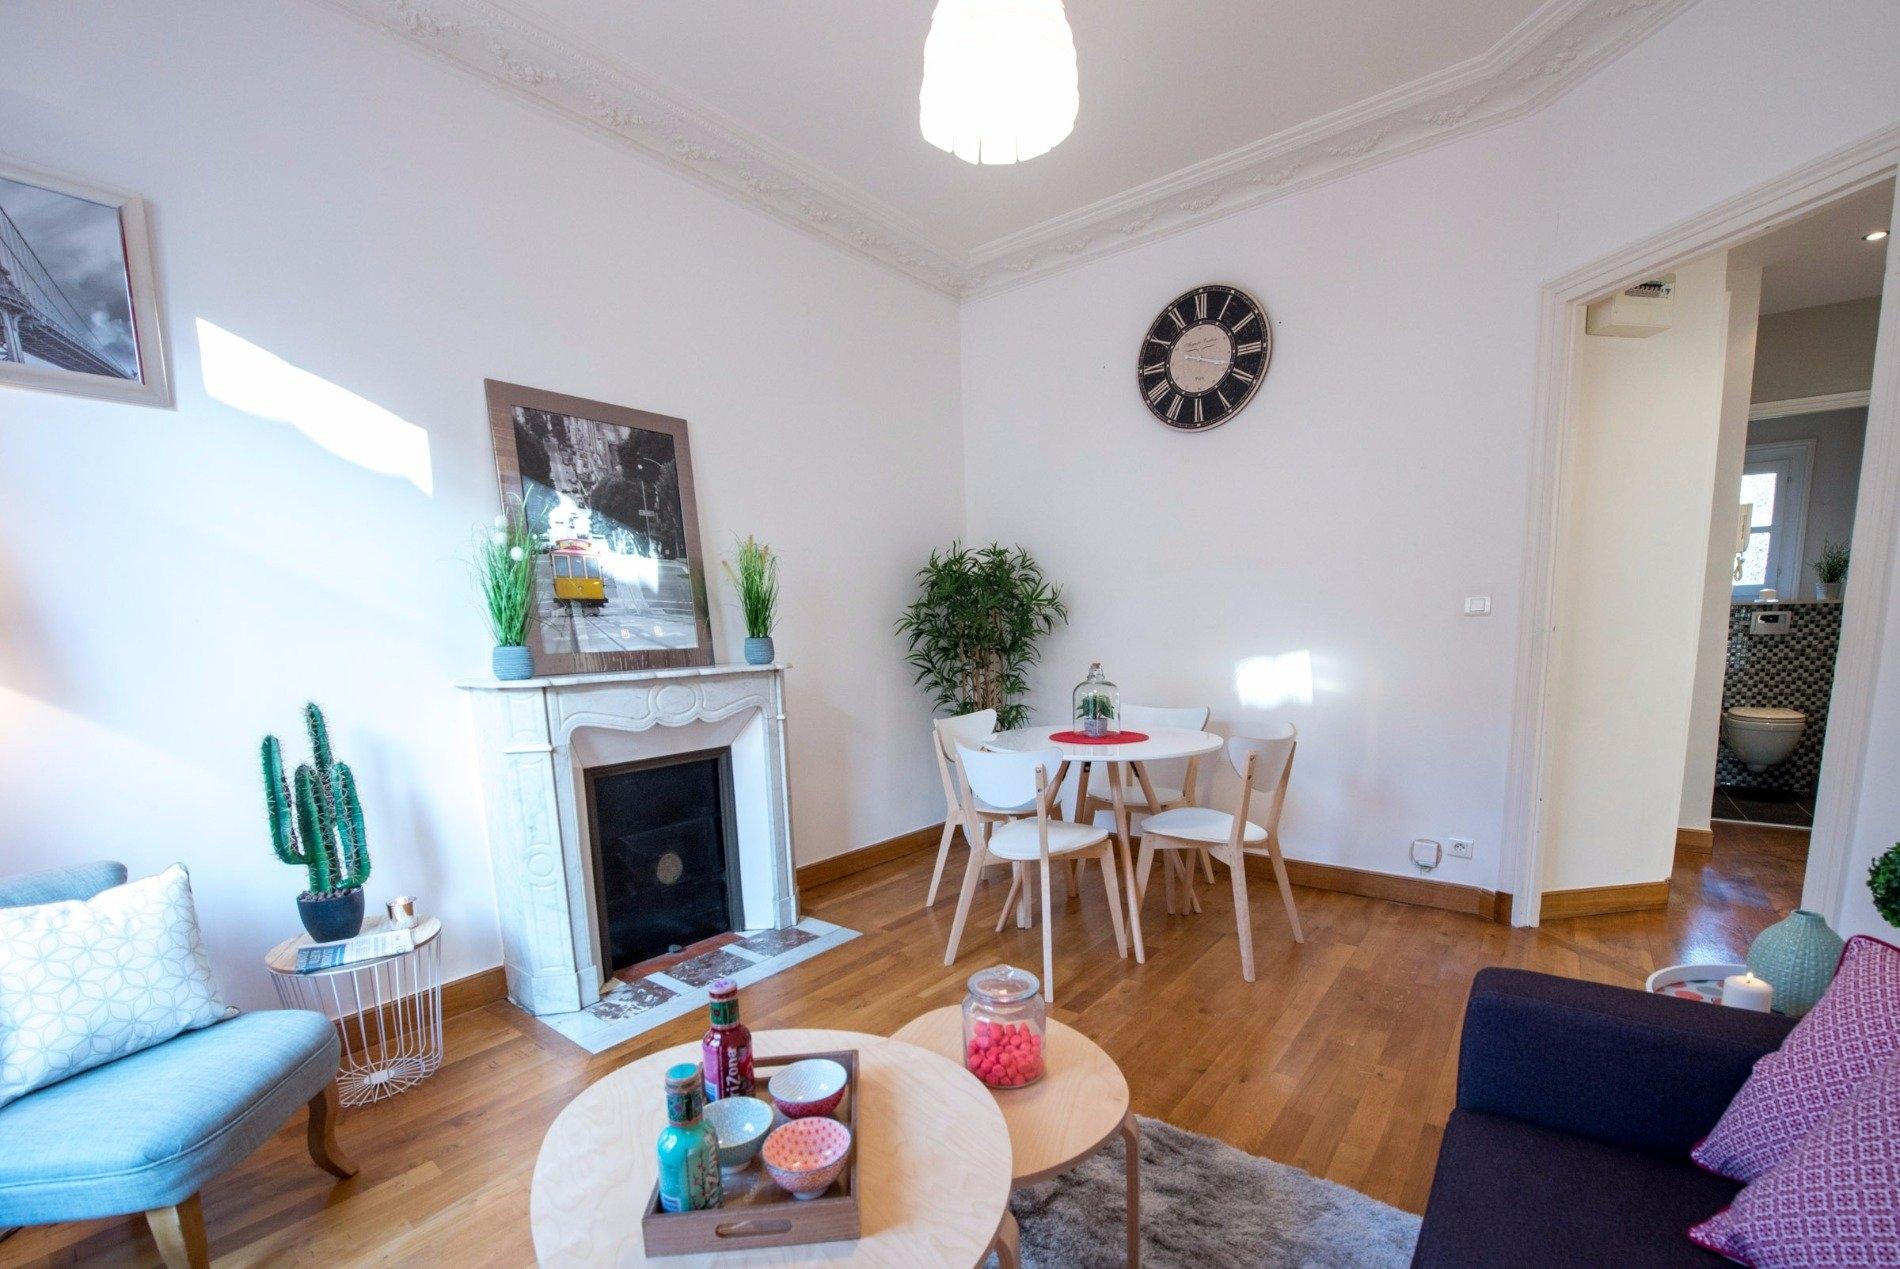 Appartement Reims 2 Pièces 39.69 m2 - 2